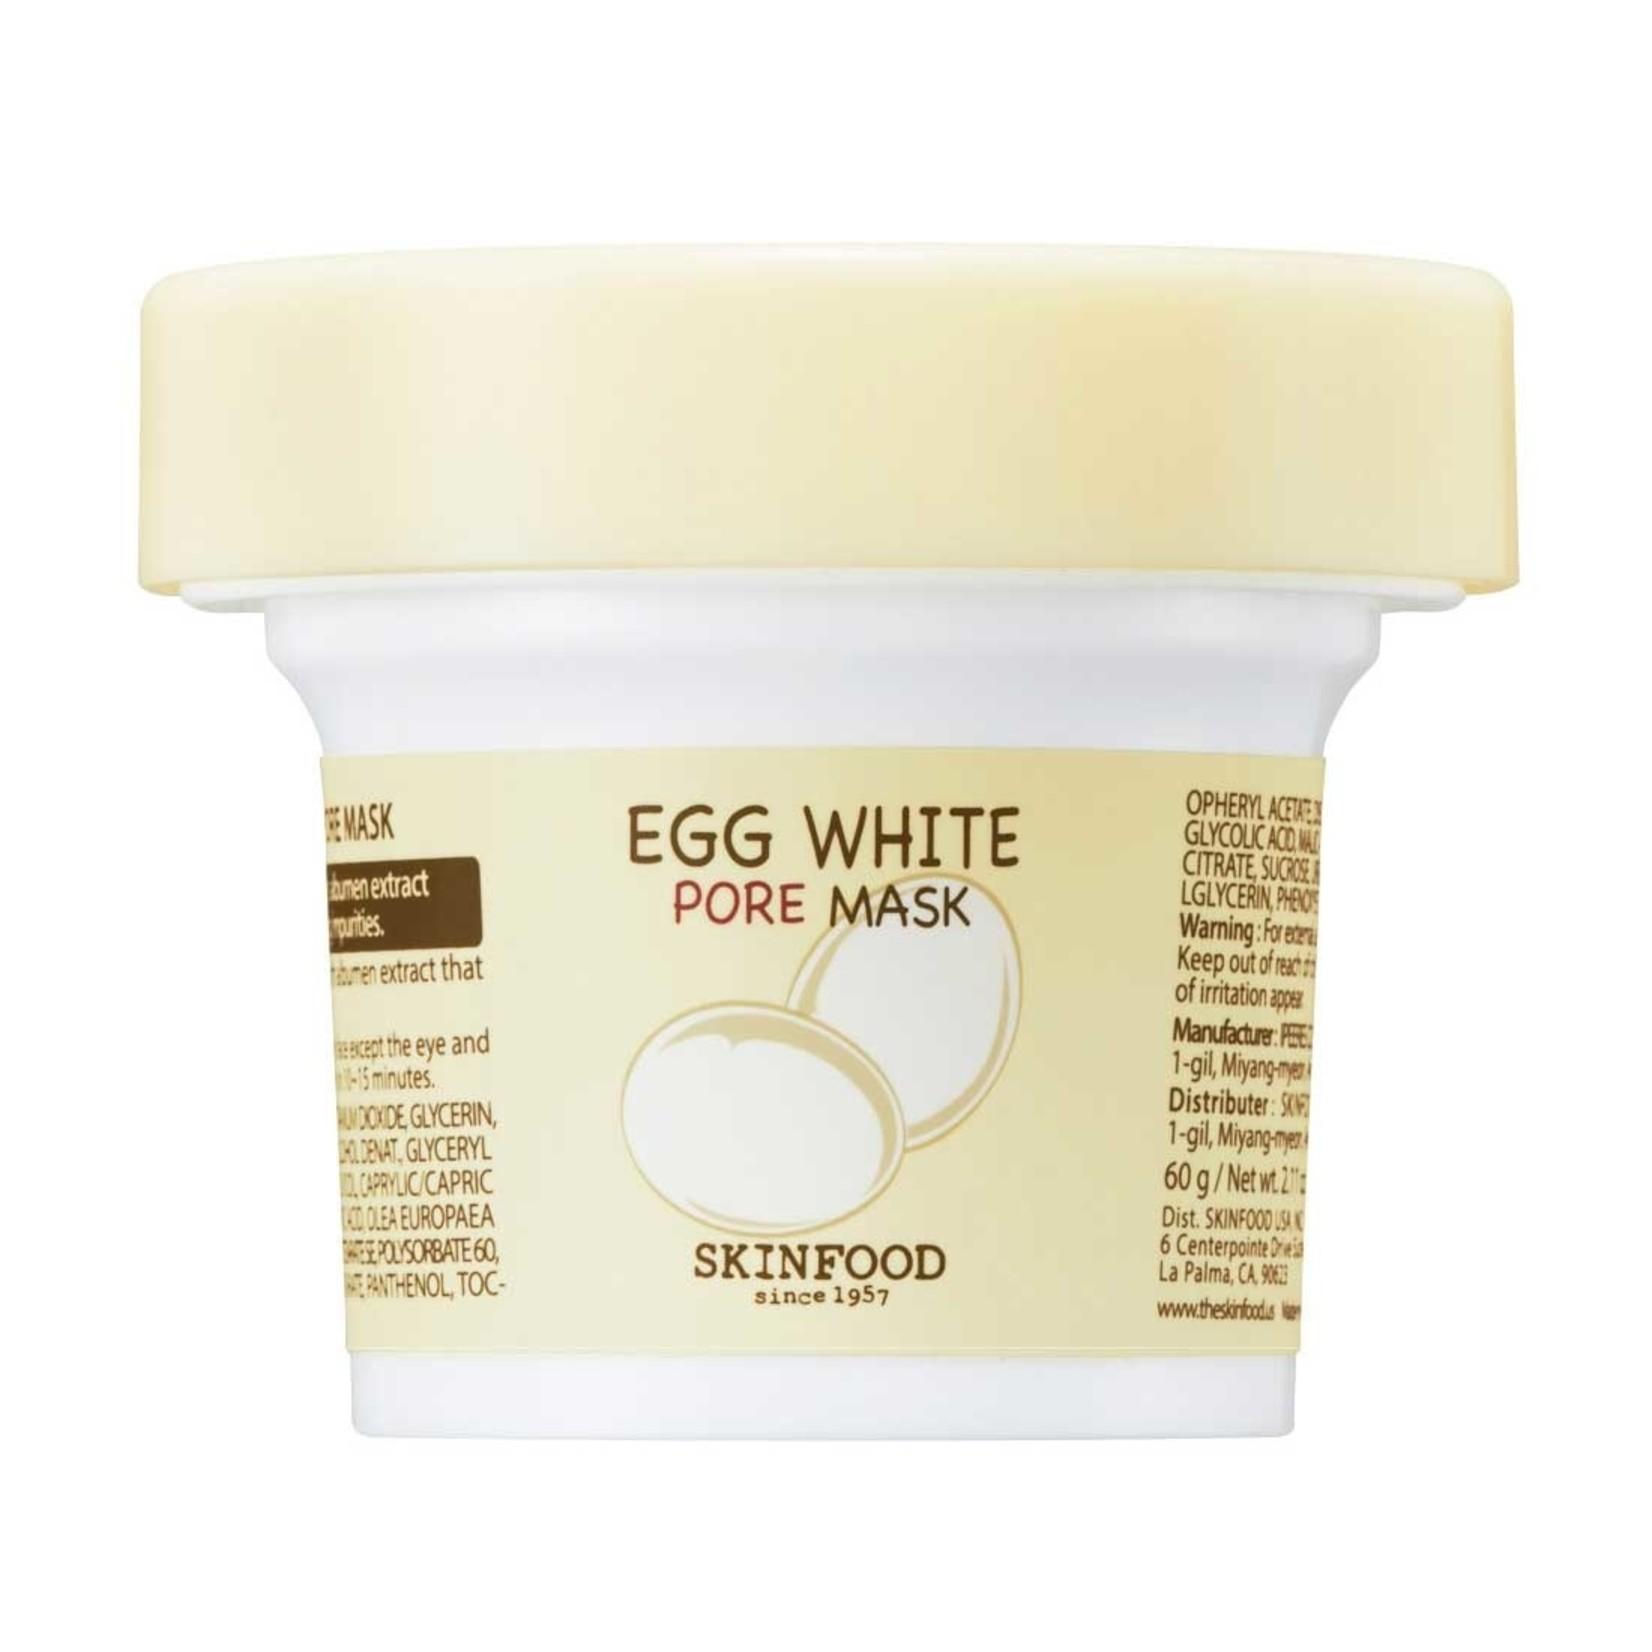 Egg White Pore Mask